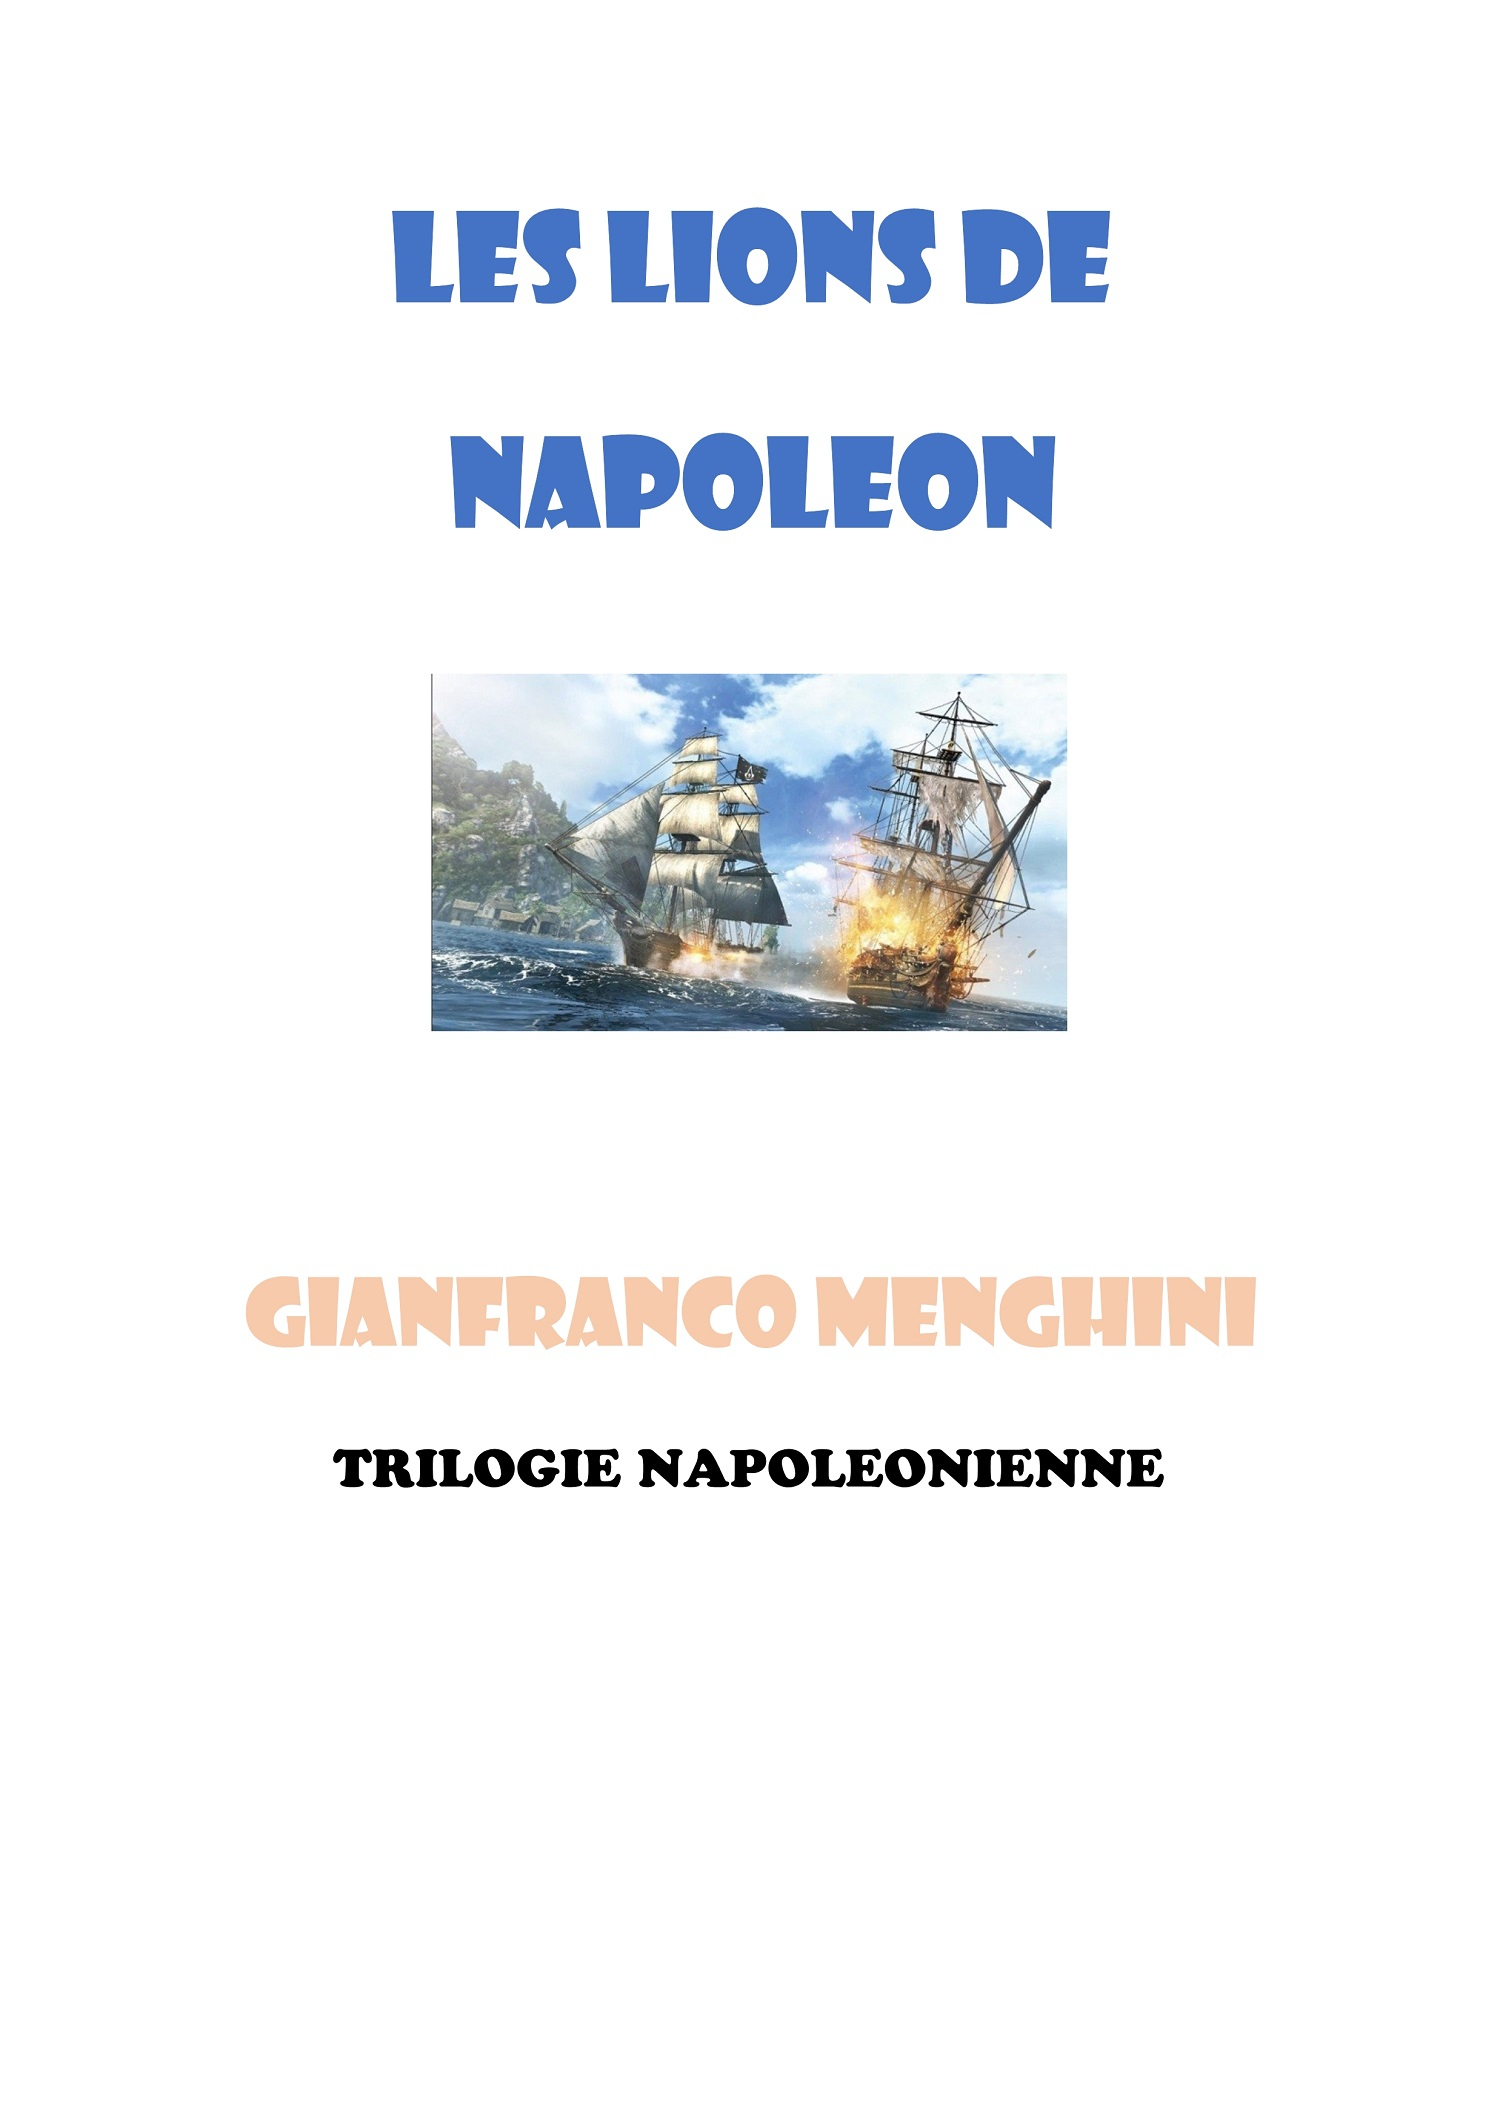 Les Lions de Napoléon